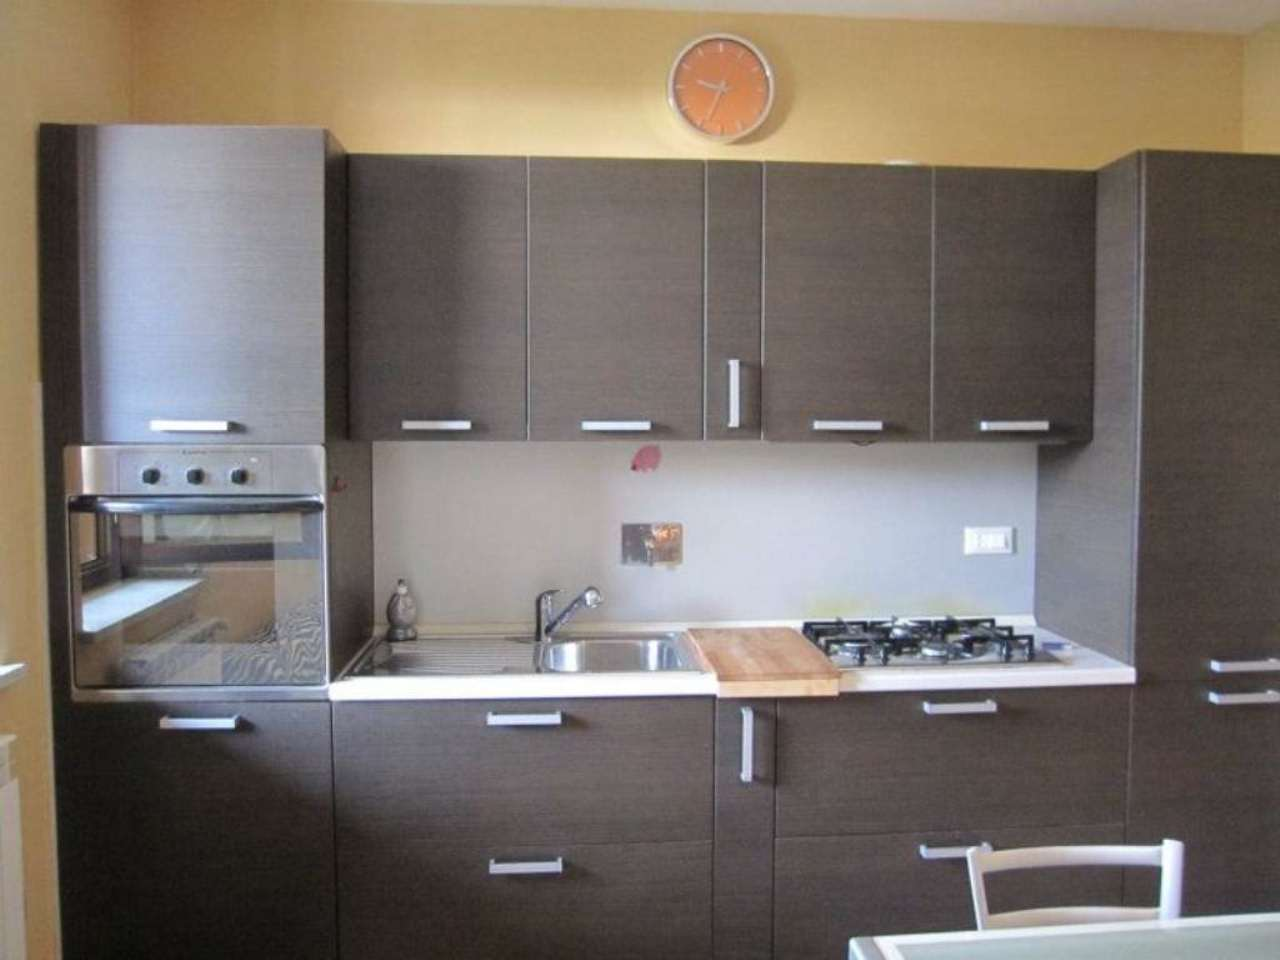 Appartamento in affitto a Carignano, 2 locali, zona Località: Centro, prezzo € 500 | PortaleAgenzieImmobiliari.it